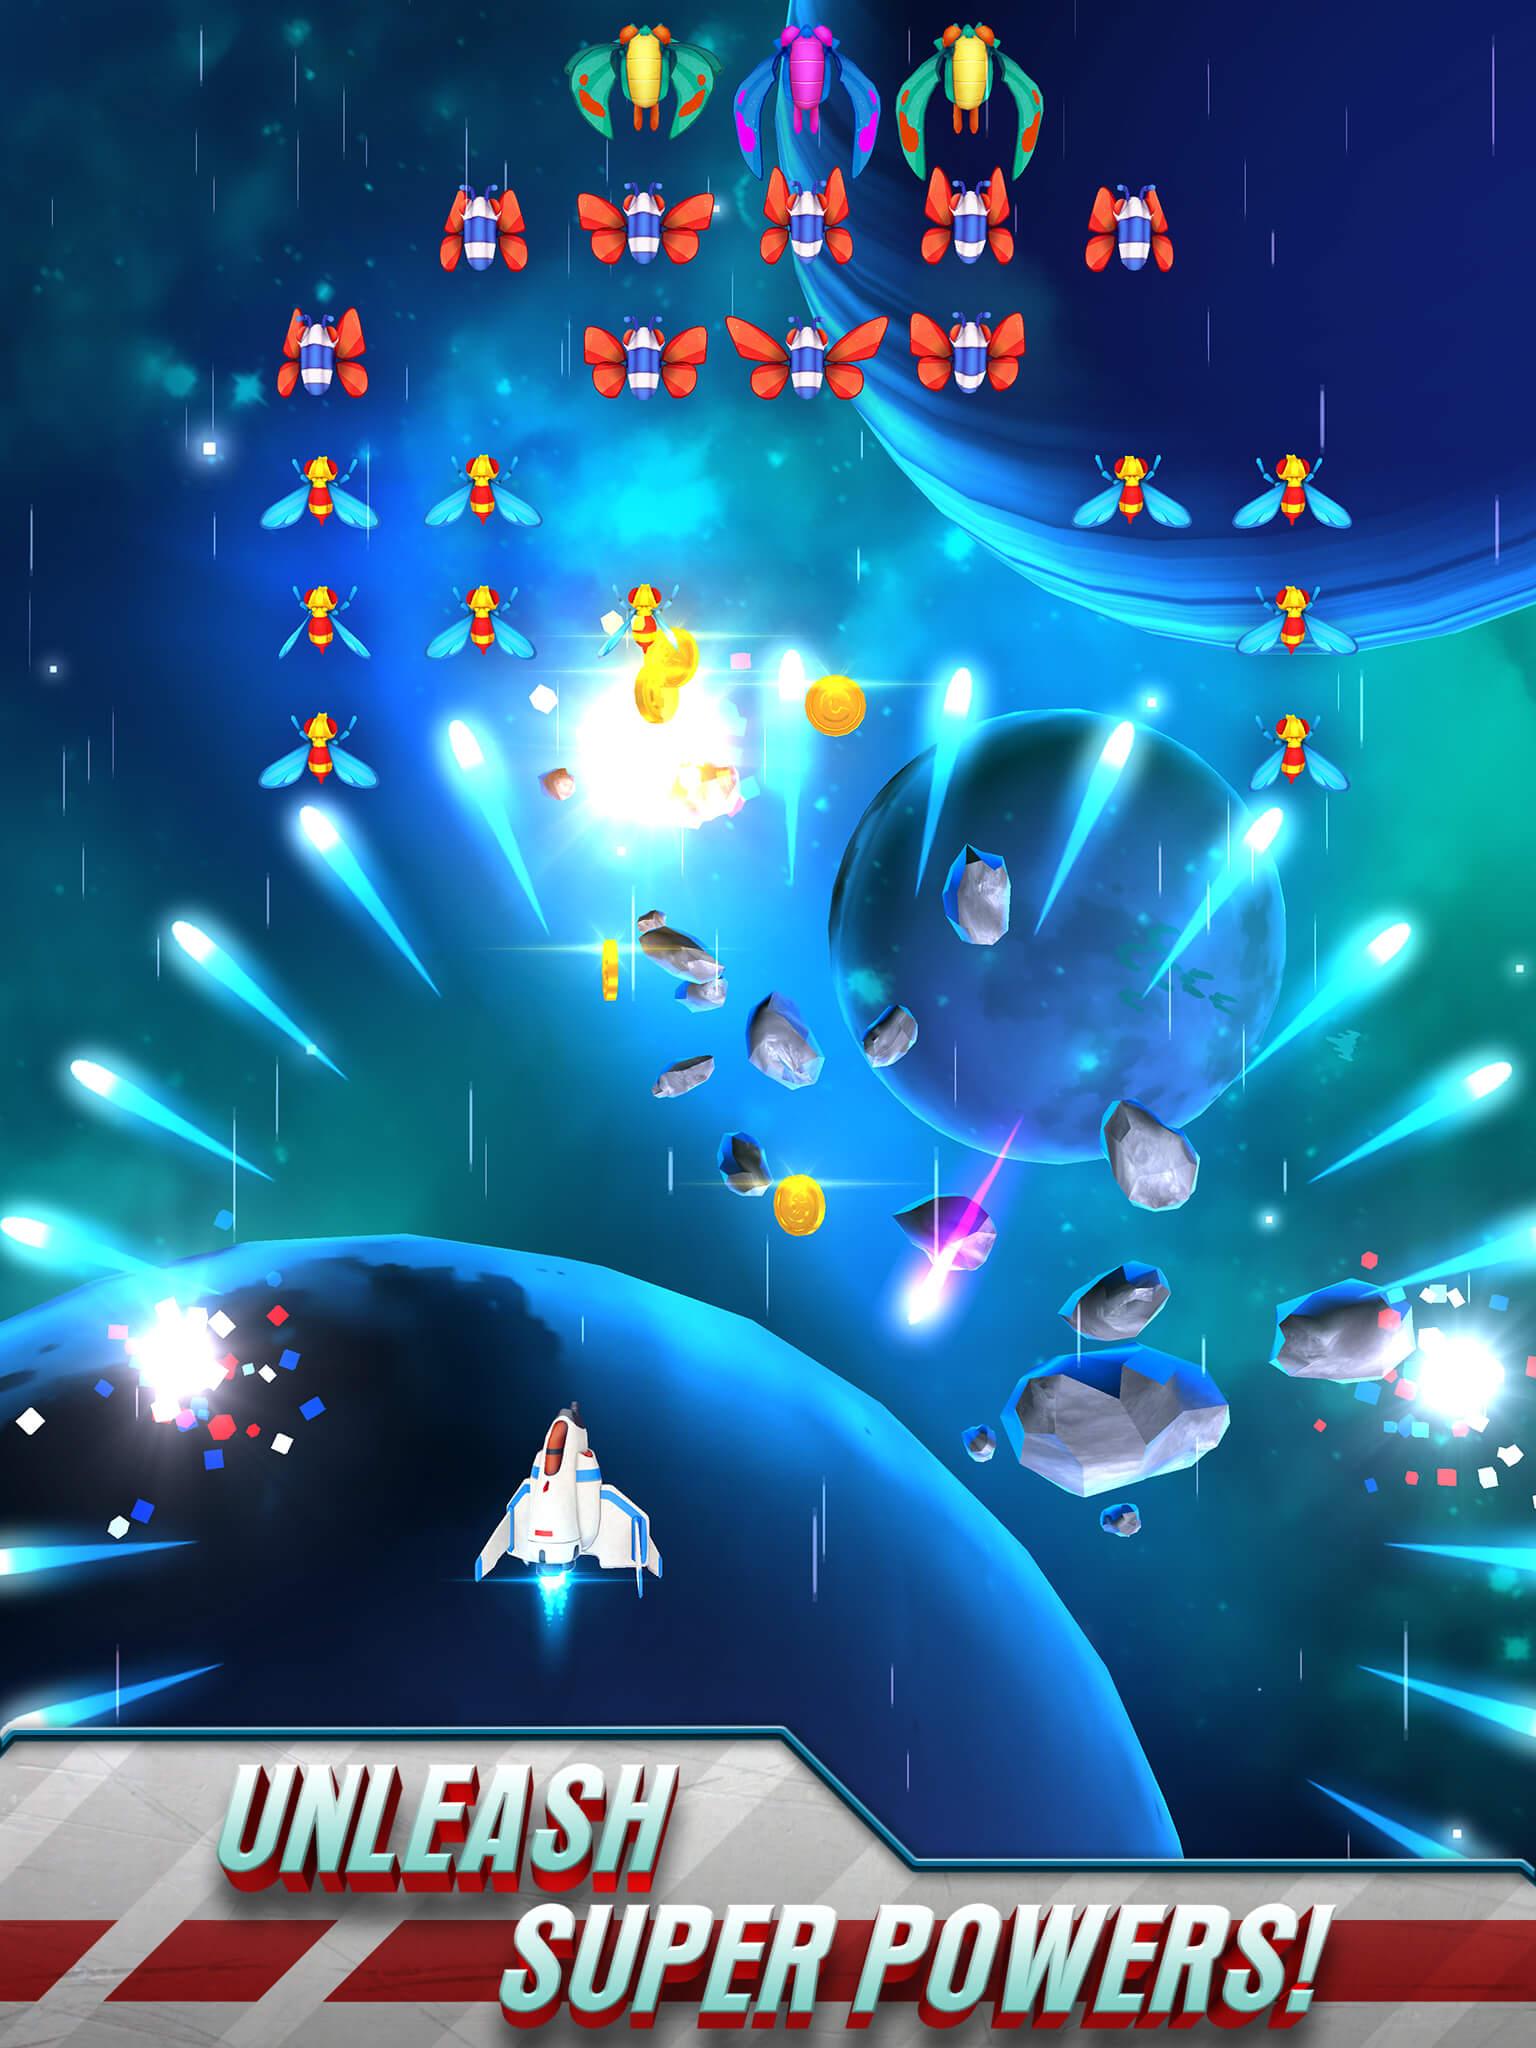 Galaga Wars auf dem iPad (Bildrechte: Namco Bandai)